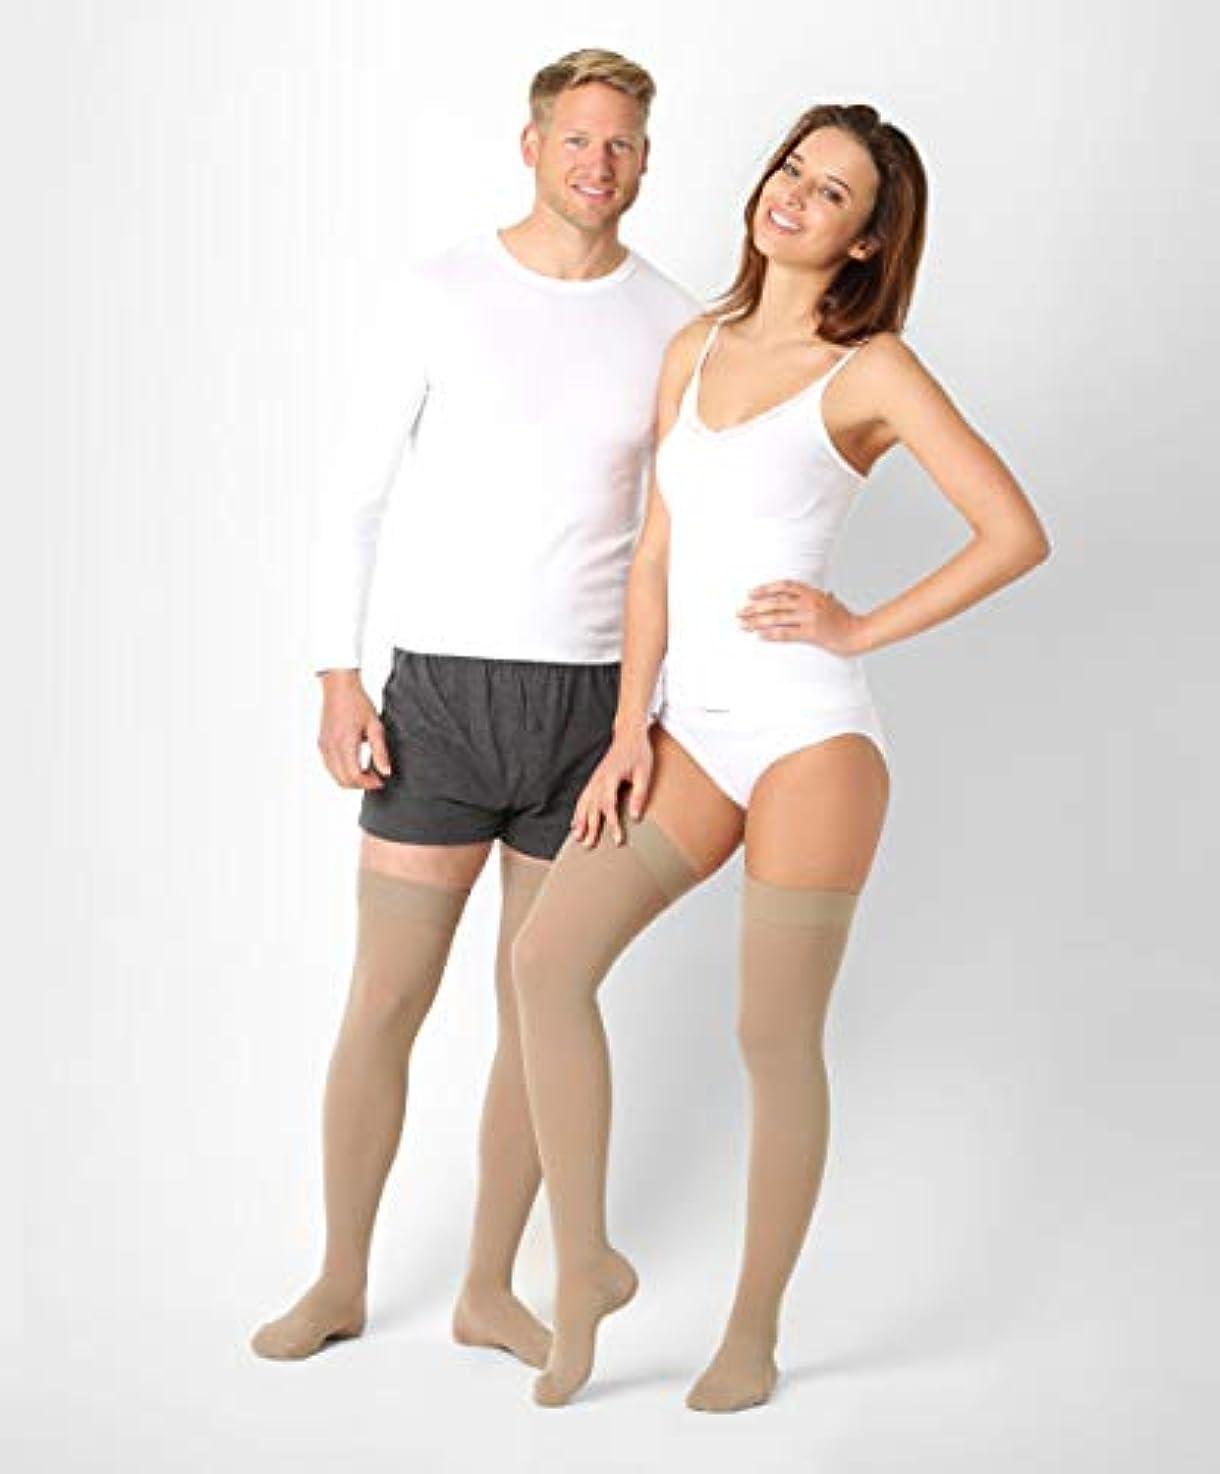 狭い患者一過性BeFit24 医療用着圧ストッキング クラス 1 (18-21 mmHg) 男性?女性用 ーあらゆるラ イフスタイルのニーズに対応ー ヨーロッパ製 X-Large Beige